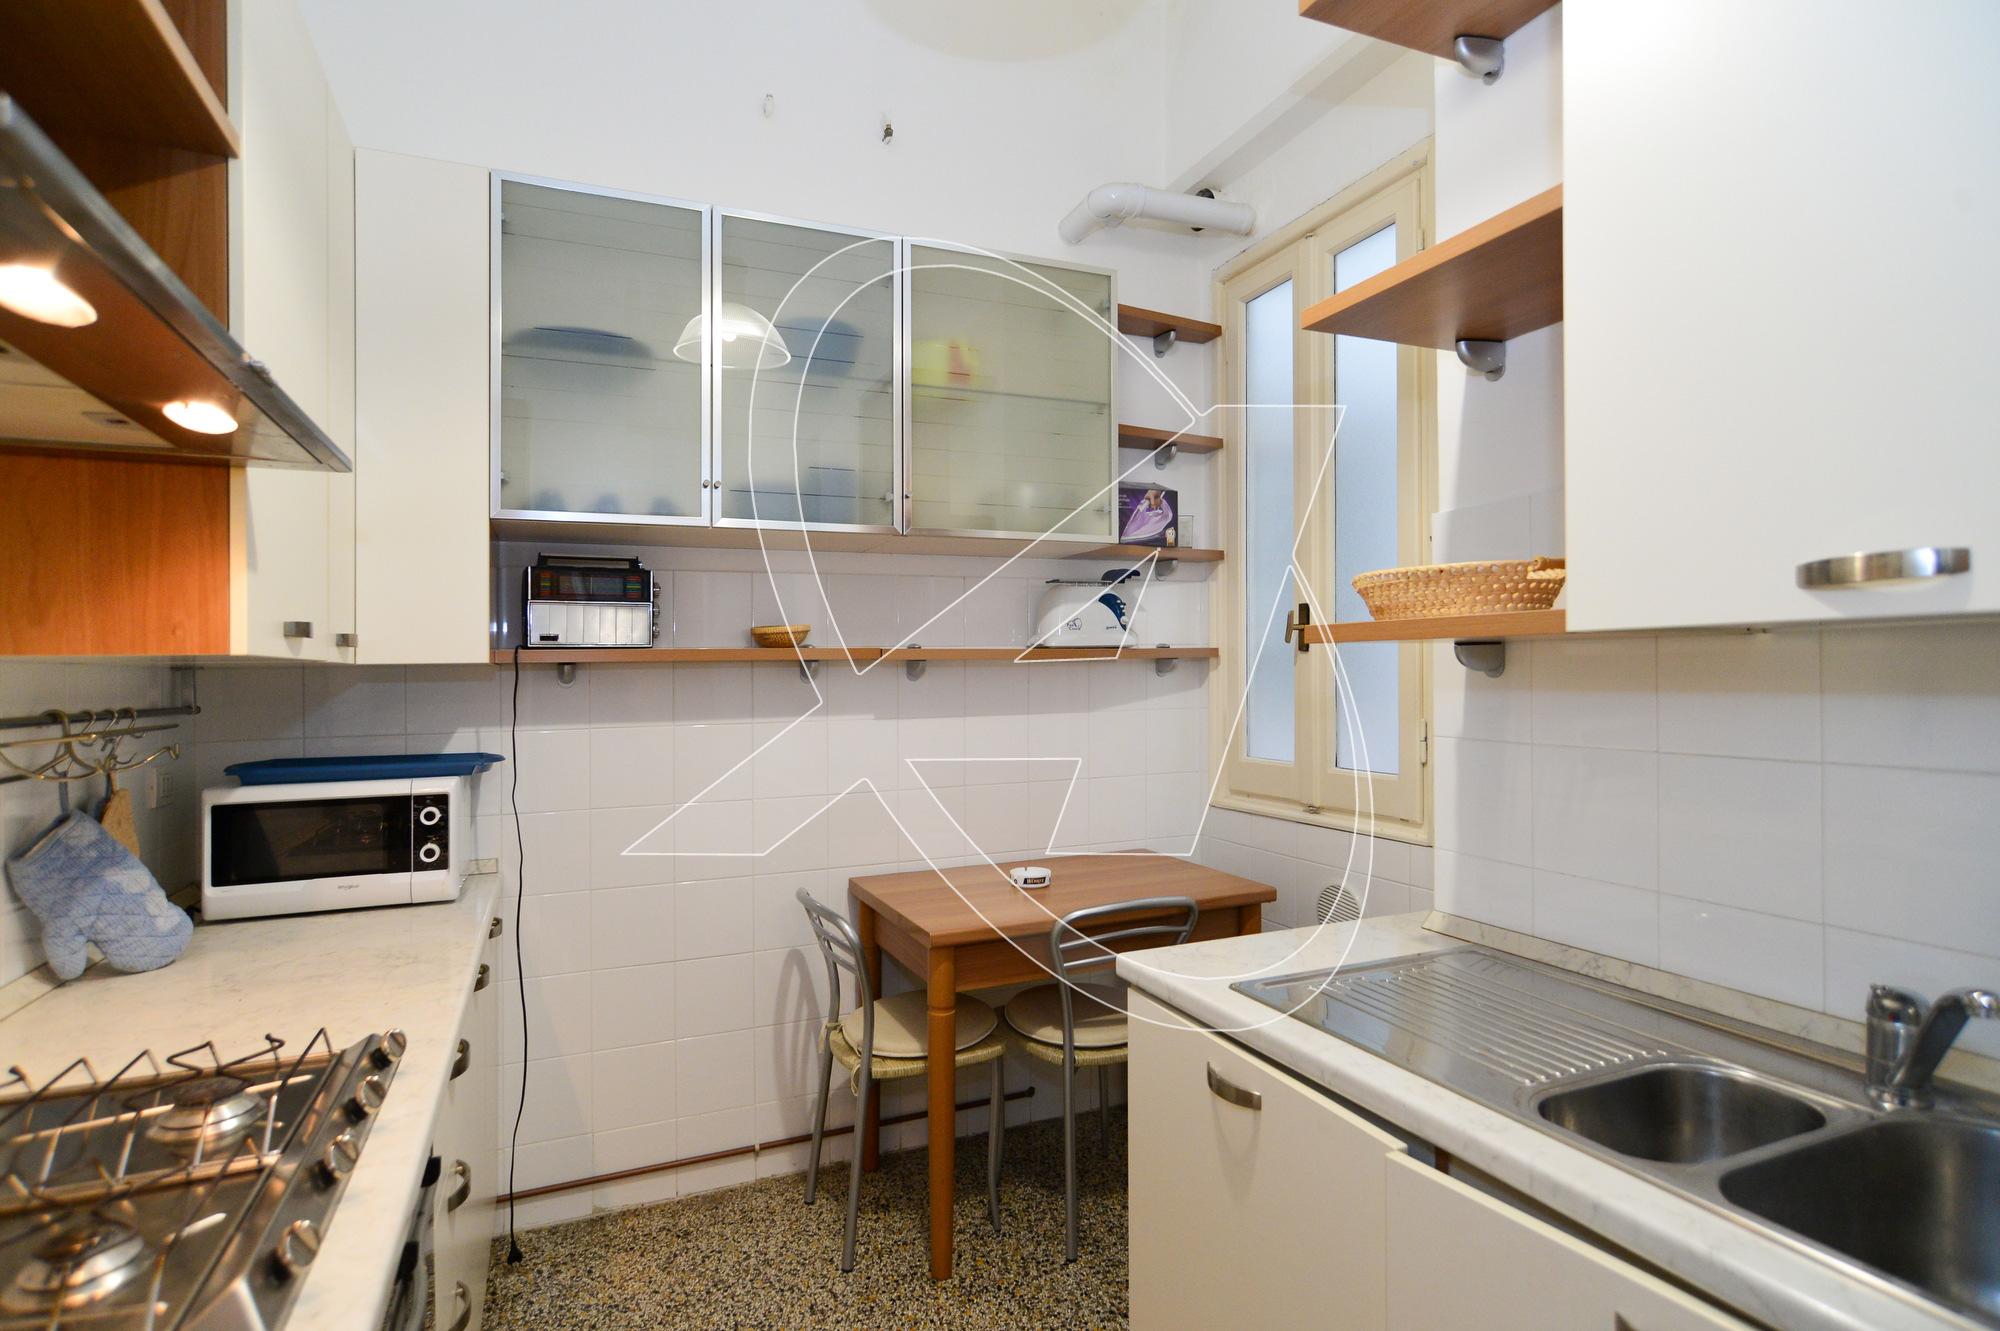 Santa Margherita Ligure - affitto appartamento con cucina attrezzata